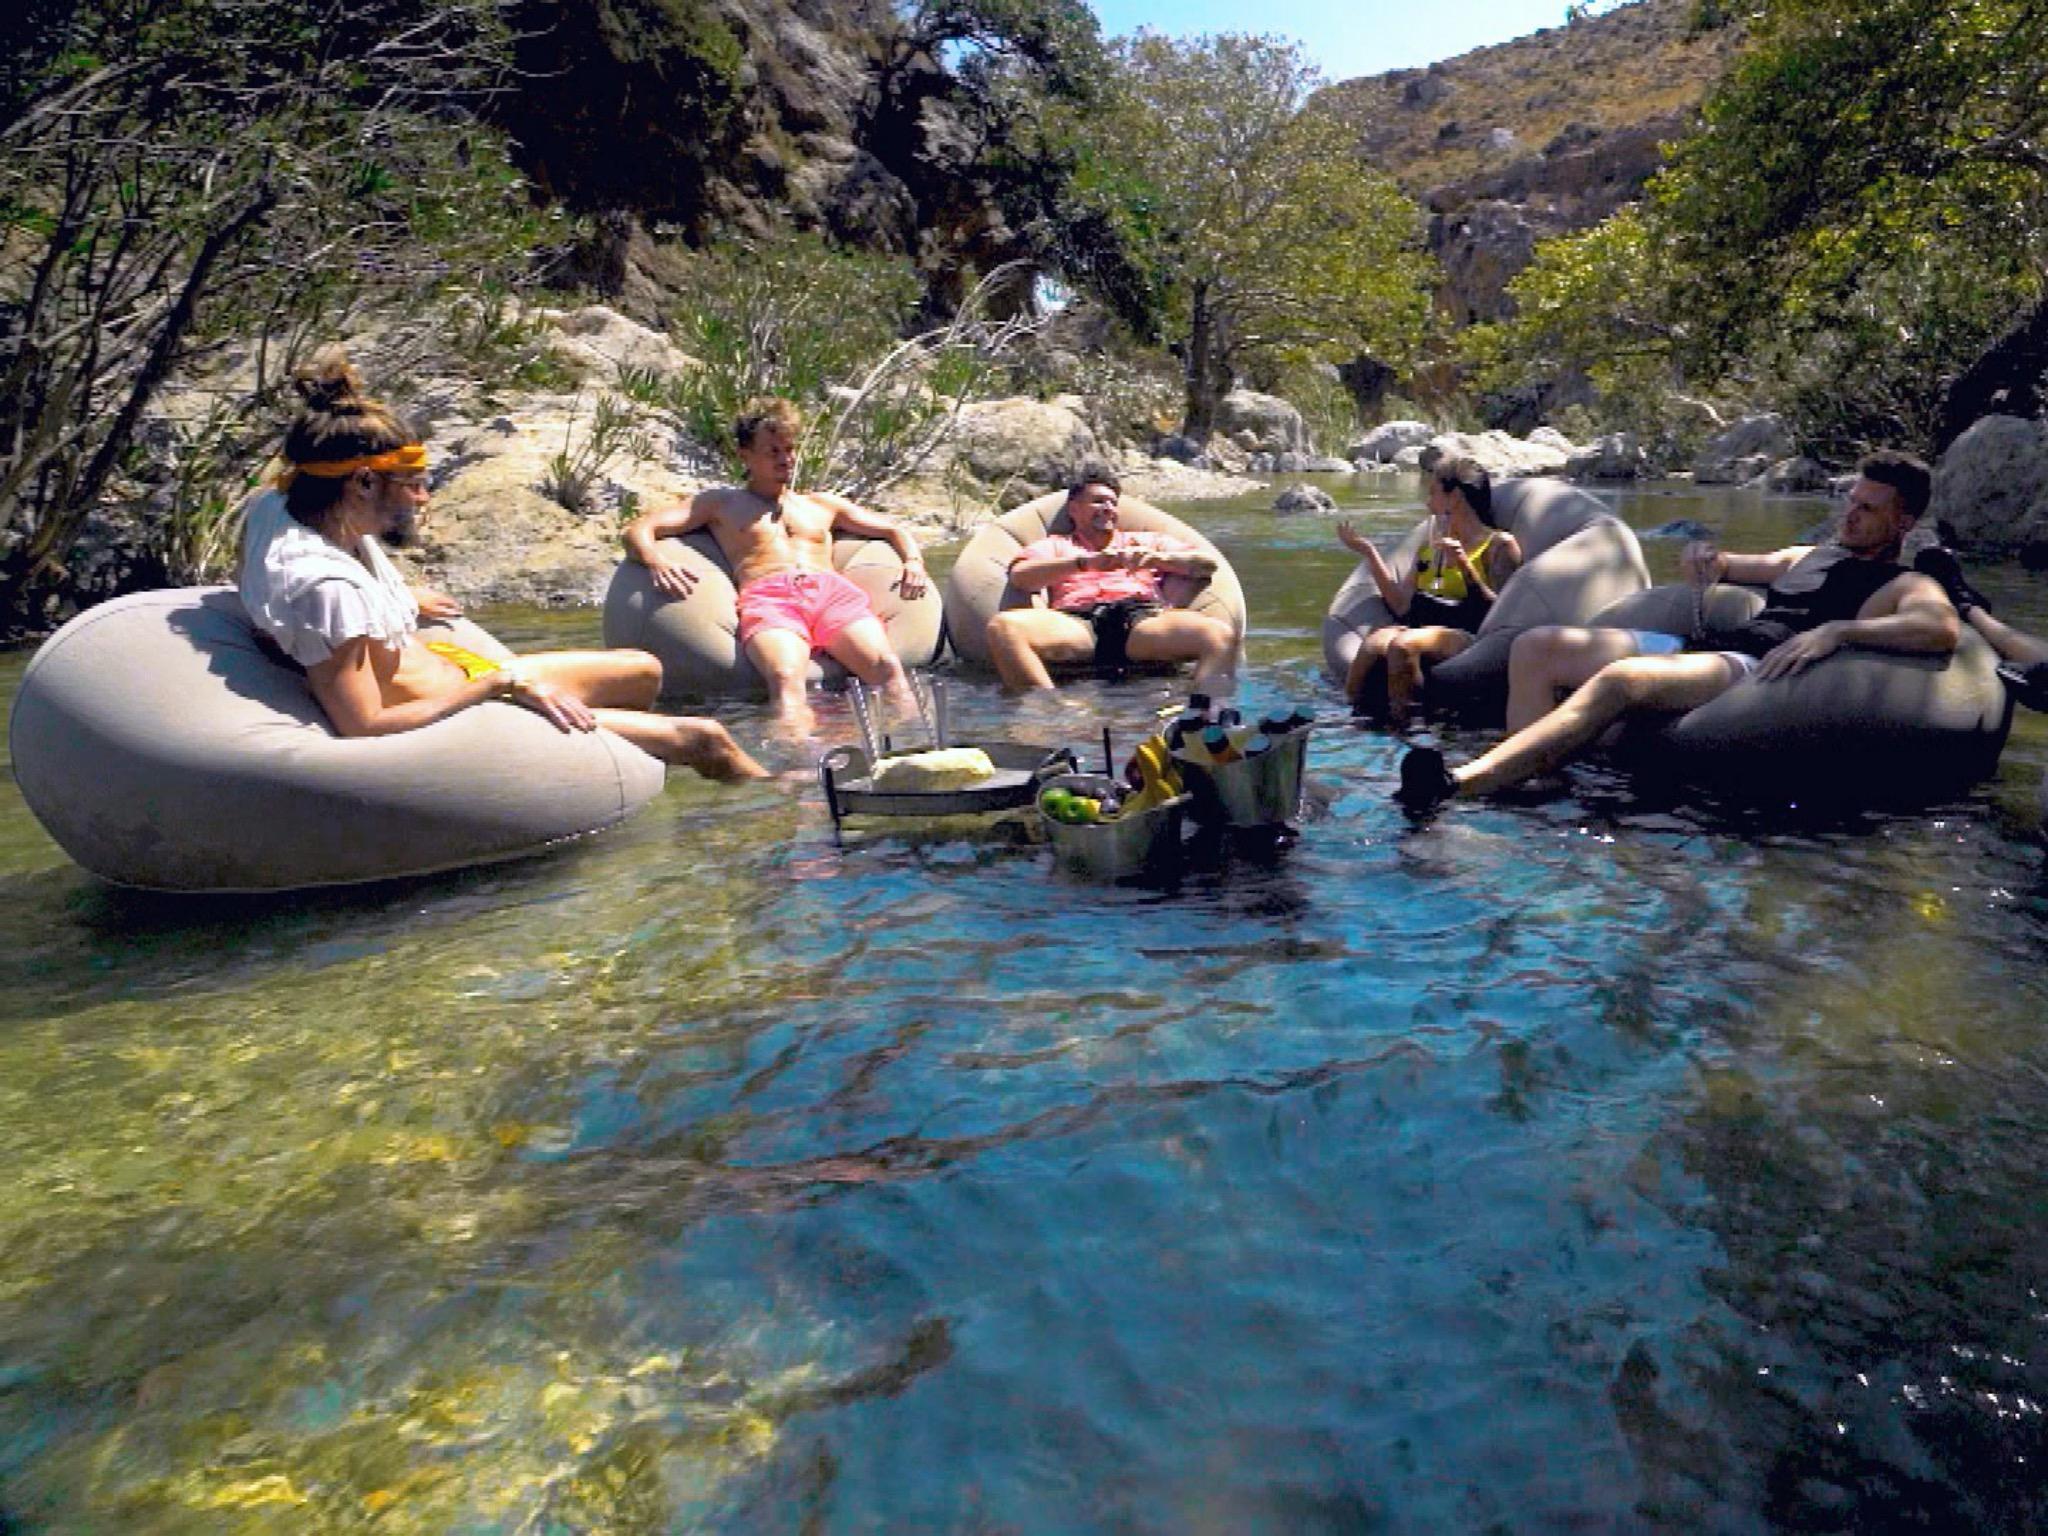 Rouven, Daniel B., Ioannis, Melissa, Moritz und Angelo (v.l.) entspannen nach dem sportlichen Abenteuer. Foto: TVNOW